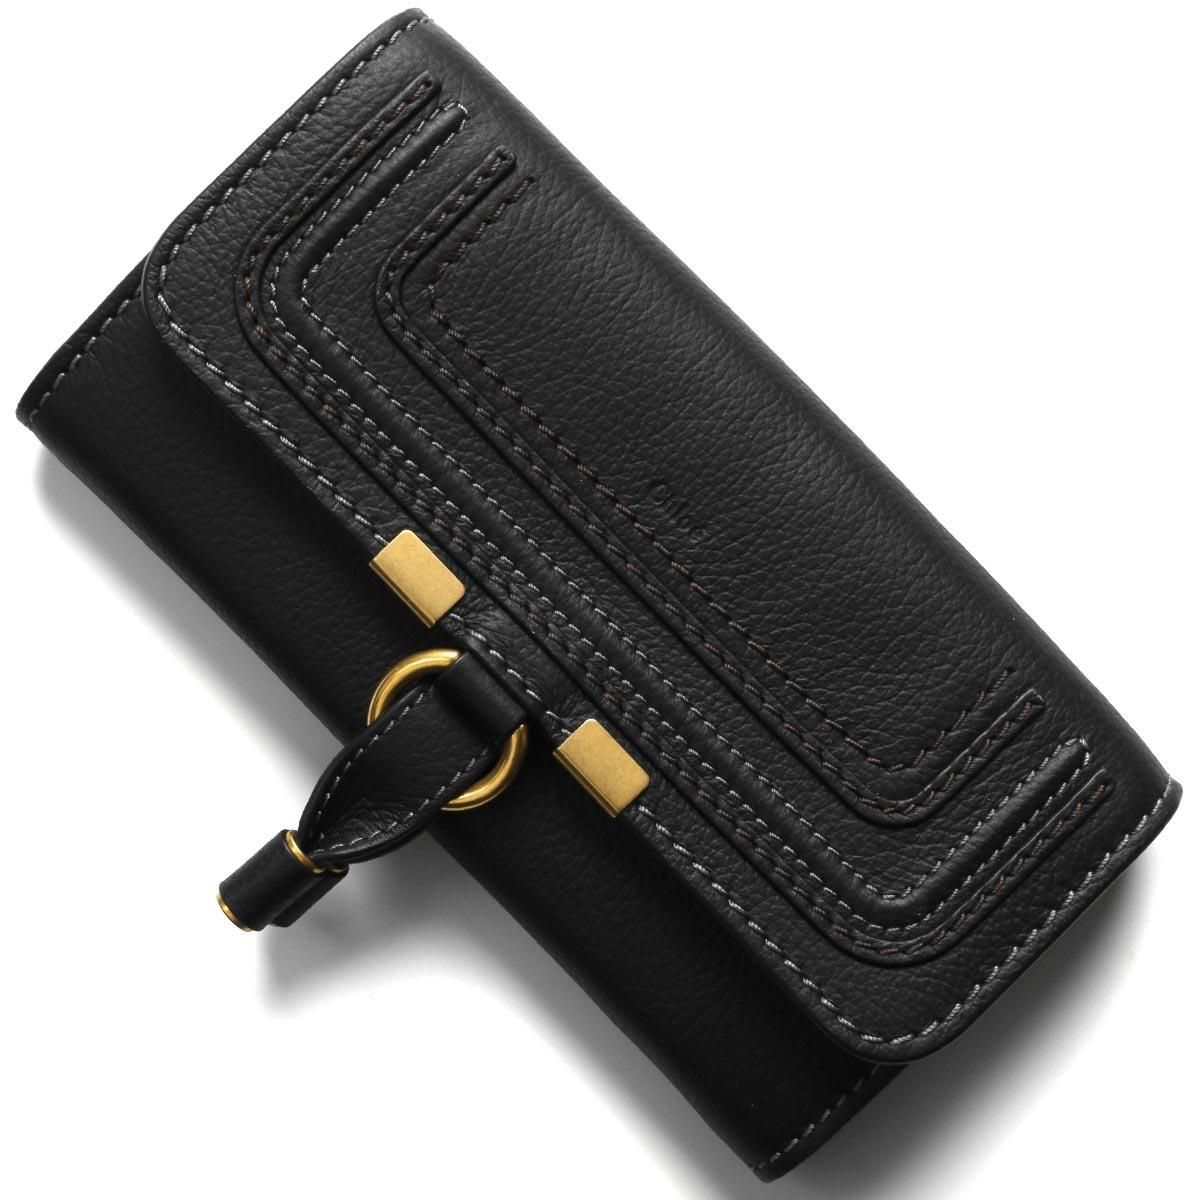 クロエ 長財布 財布 レディース マーシー ブラック CHC10UP573 161 001 CHLOE